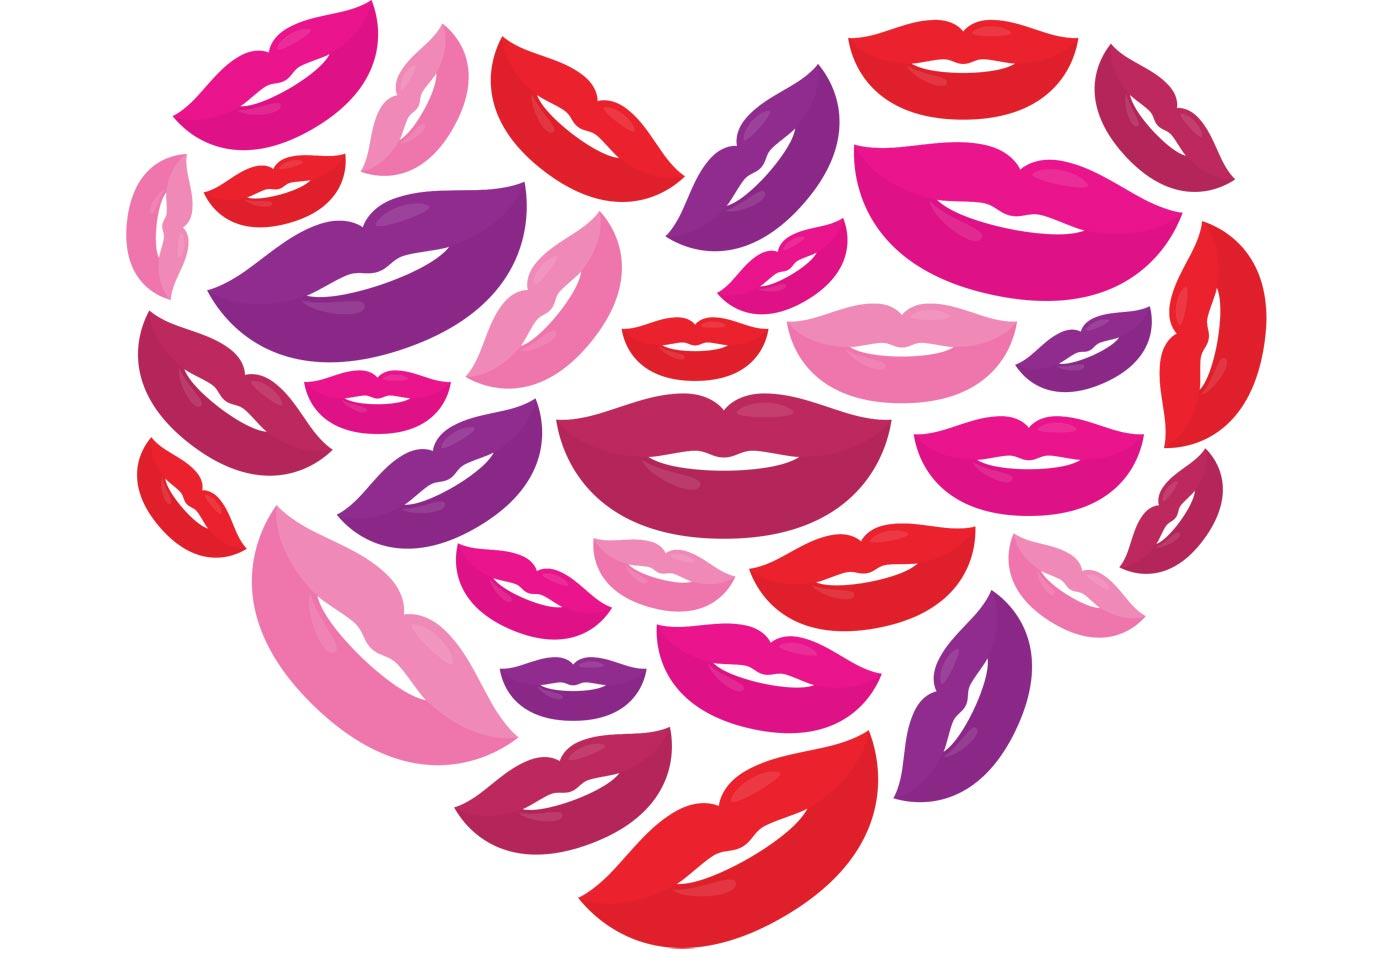 Kiss Vector Heart - Download Free Vectors, Clipart -3348